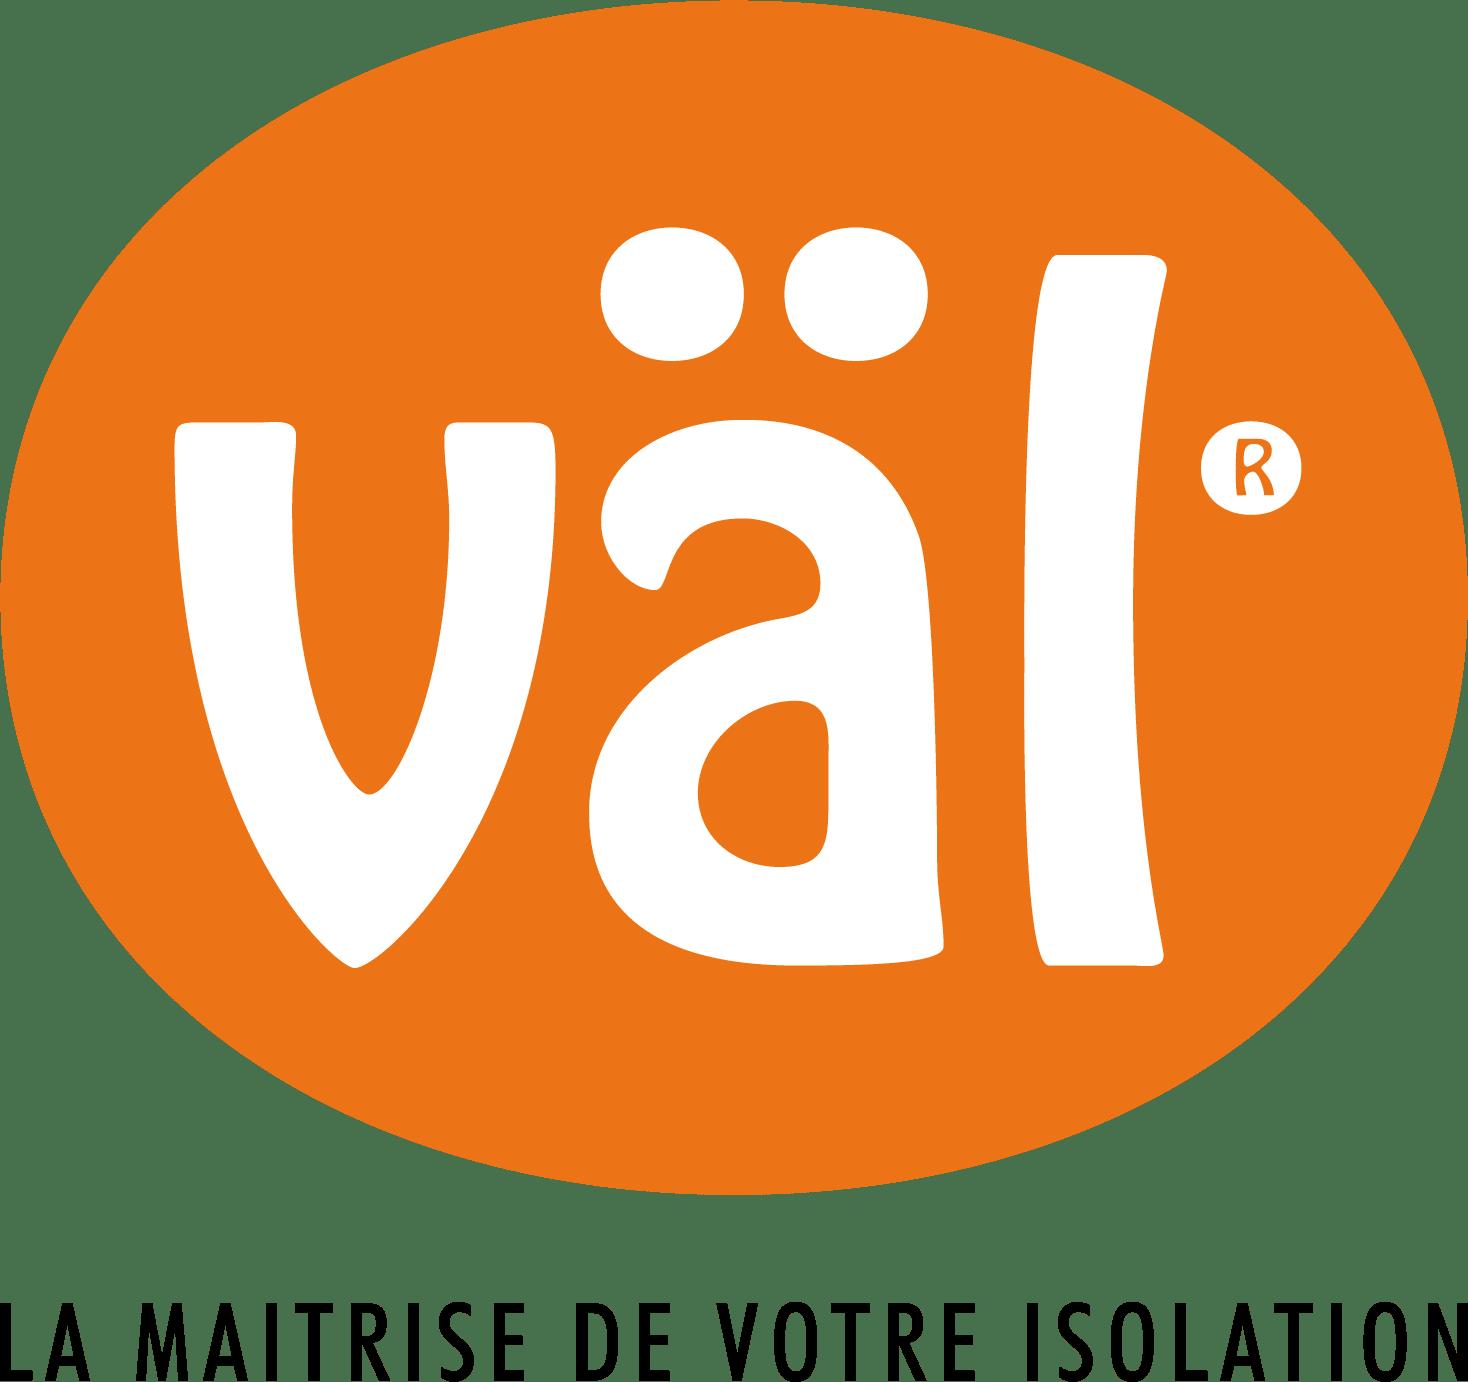 Logo de l'entreprise Väl avec accroche